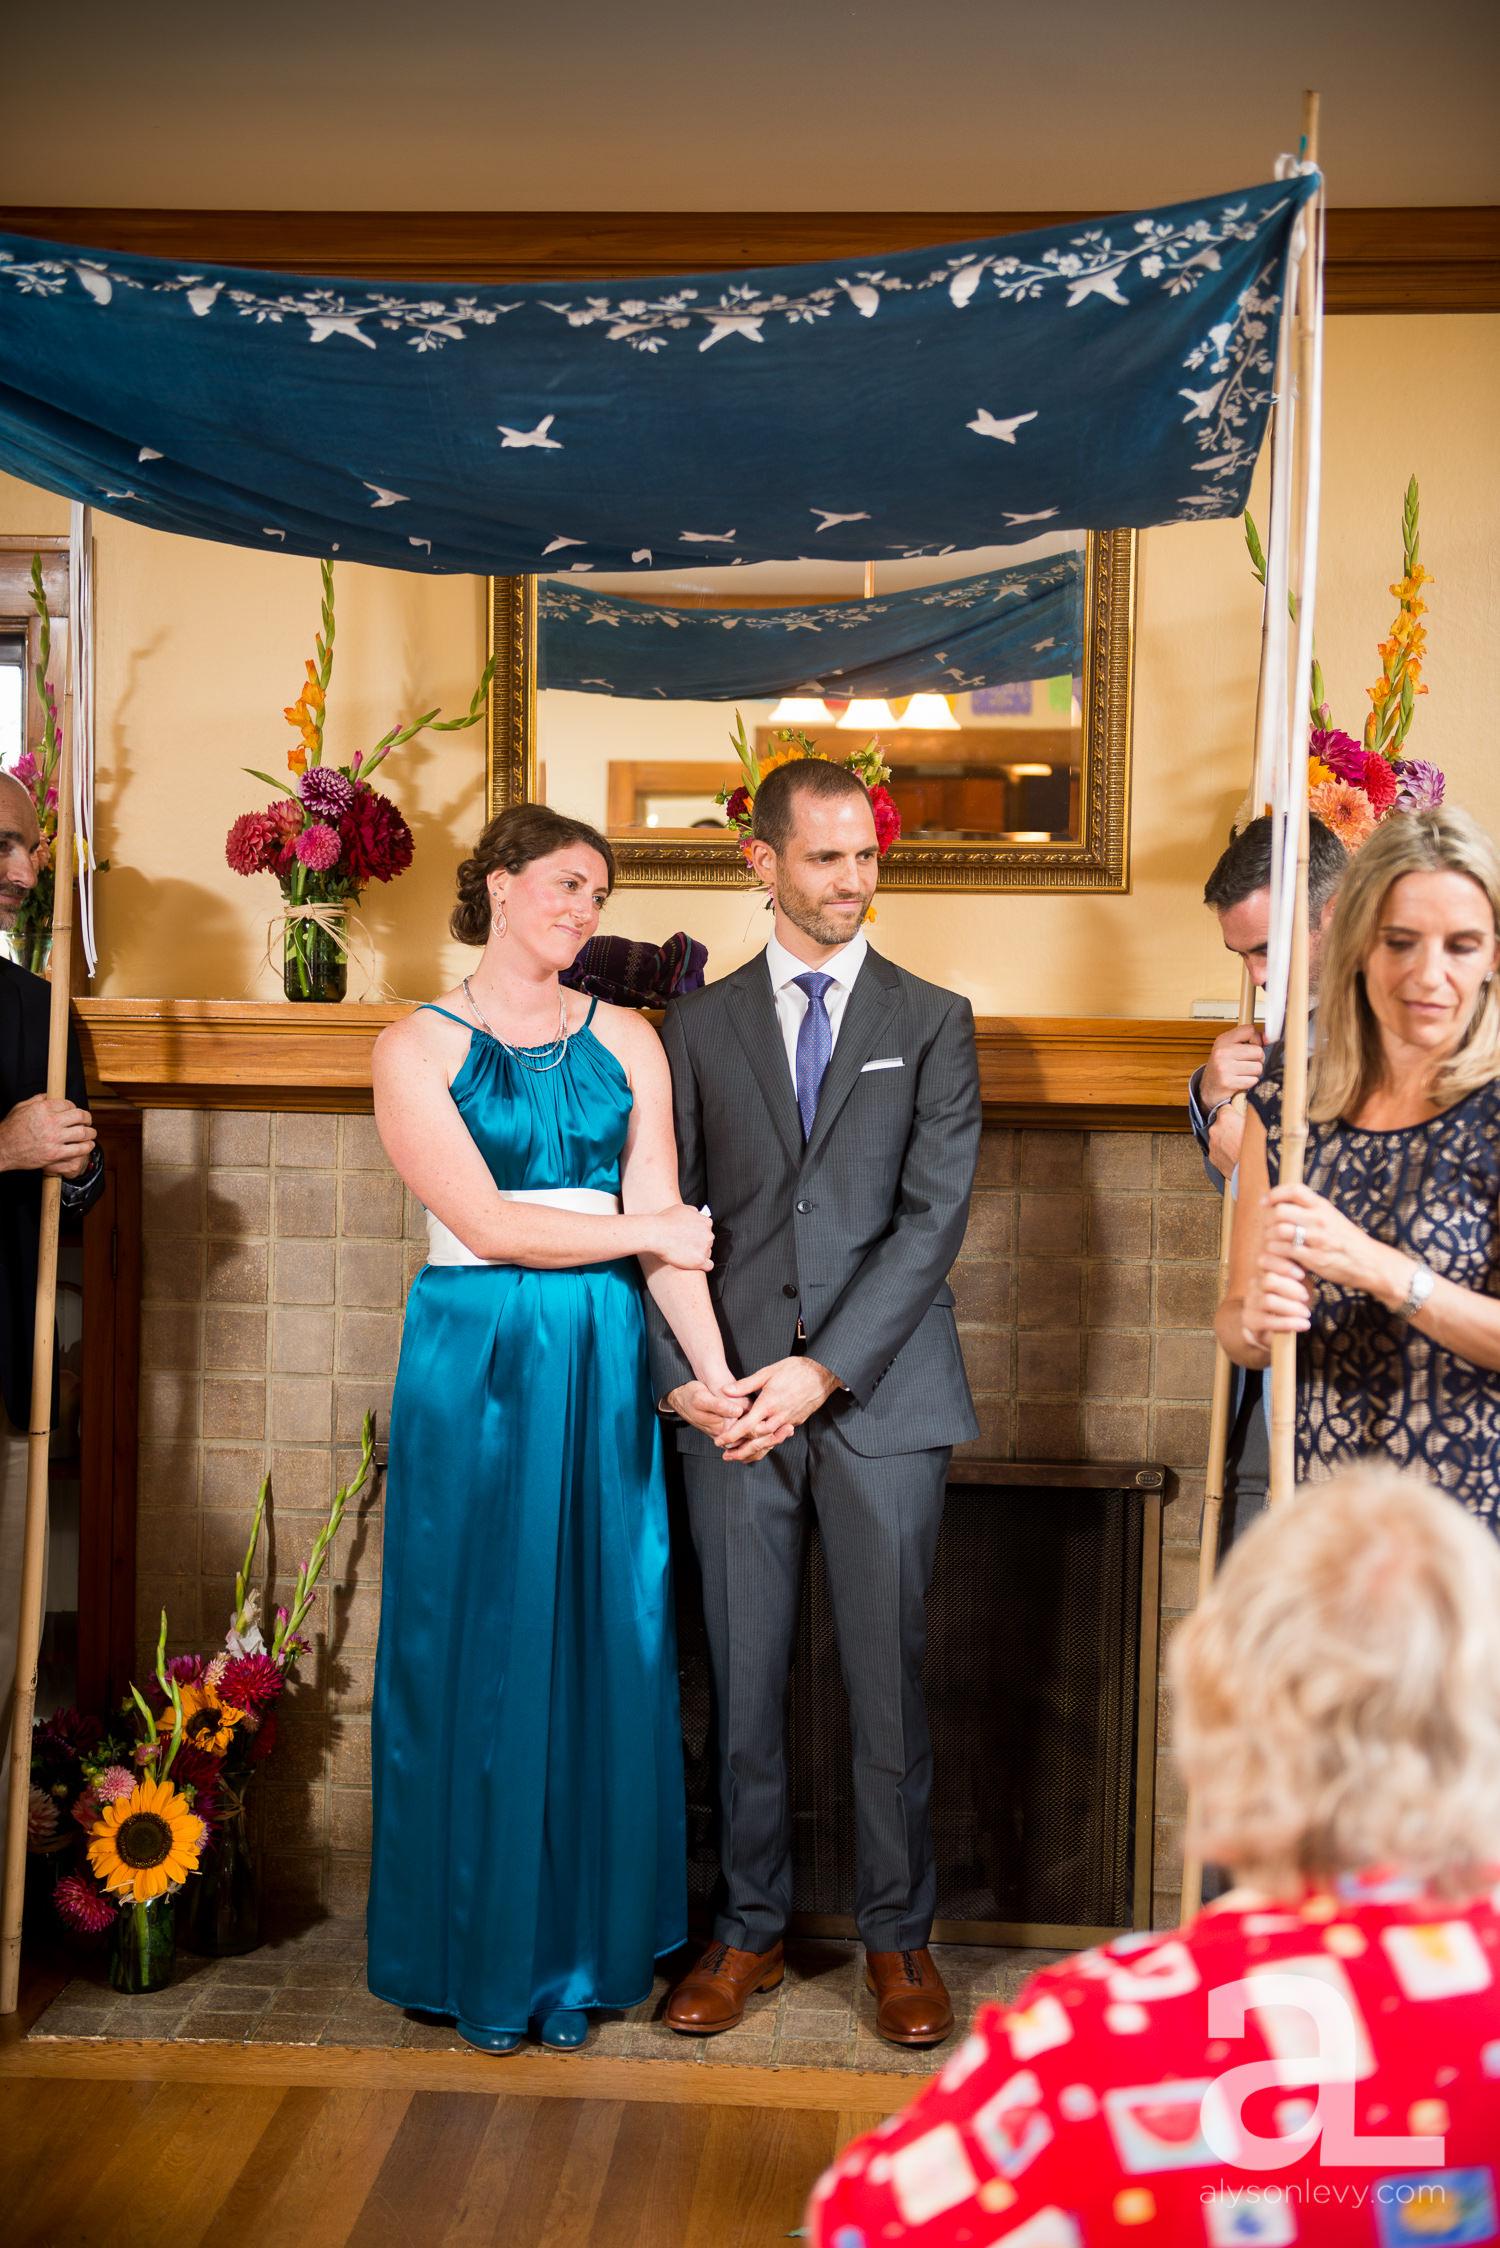 Overlook-House-Portland-Wedding-Photography-007.jpg